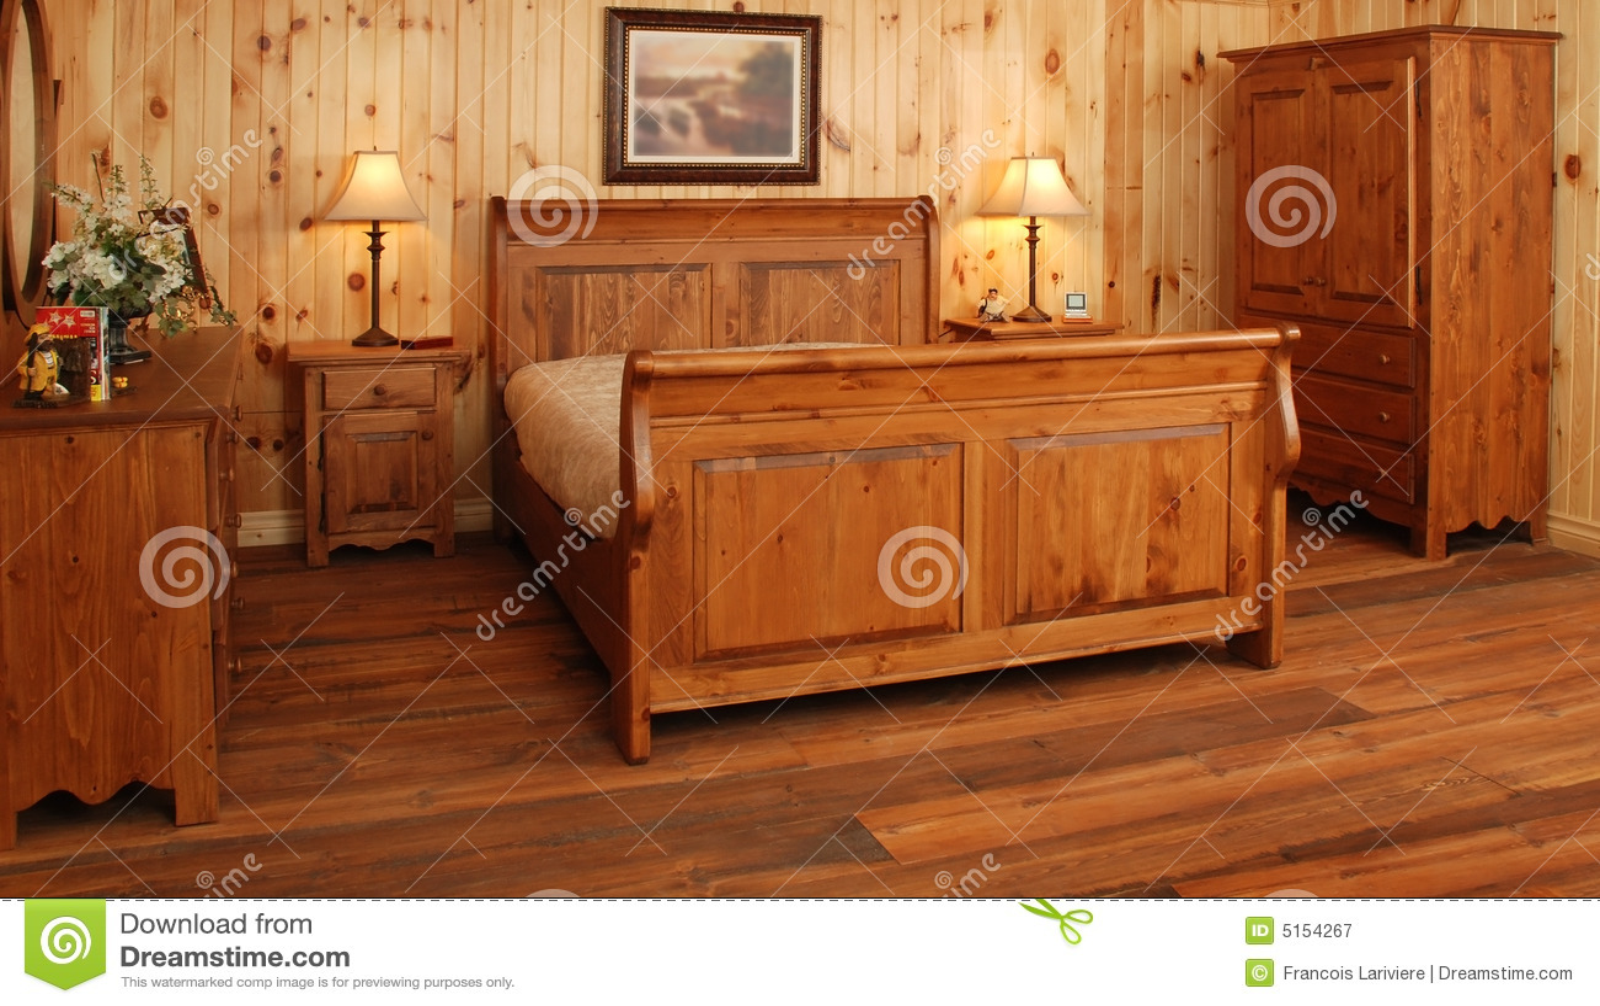 Camera Da Letto Usata In Pino : Vecchio insieme di camera da letto di legno di pino immagine stock